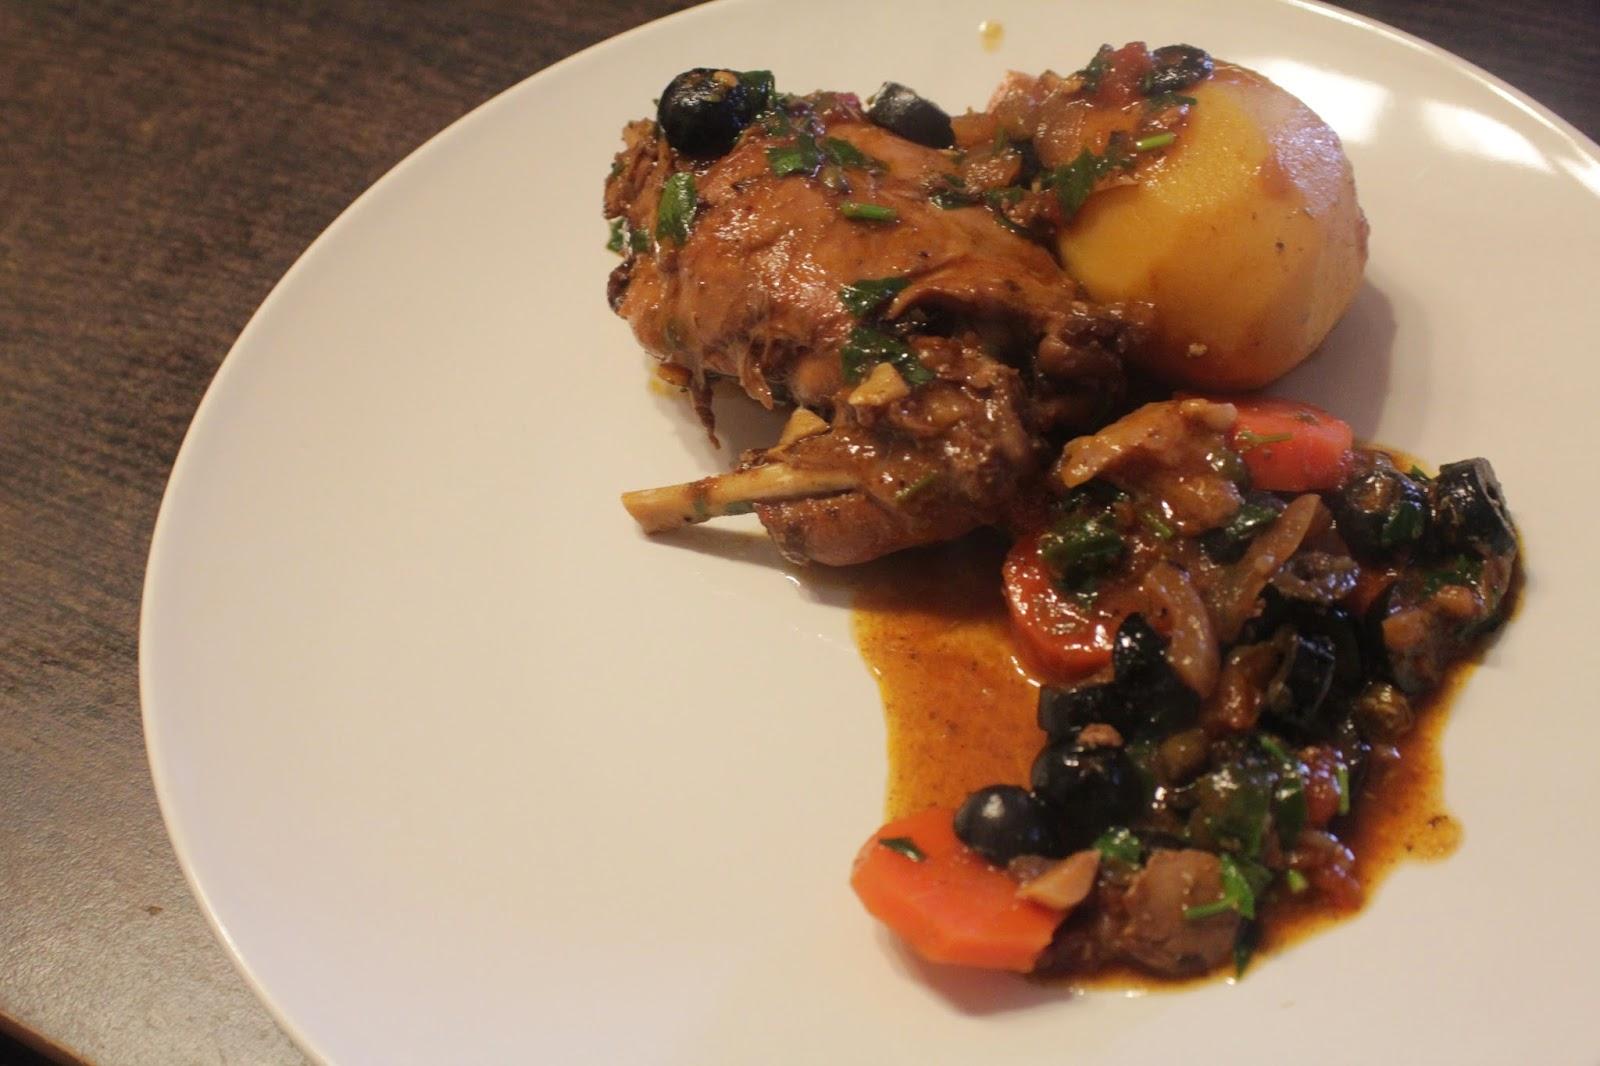 gotowany królik, gulasz z królika, duszony królik, danie główne, jednogarnkowe, wykwintny królik, rabbit stew